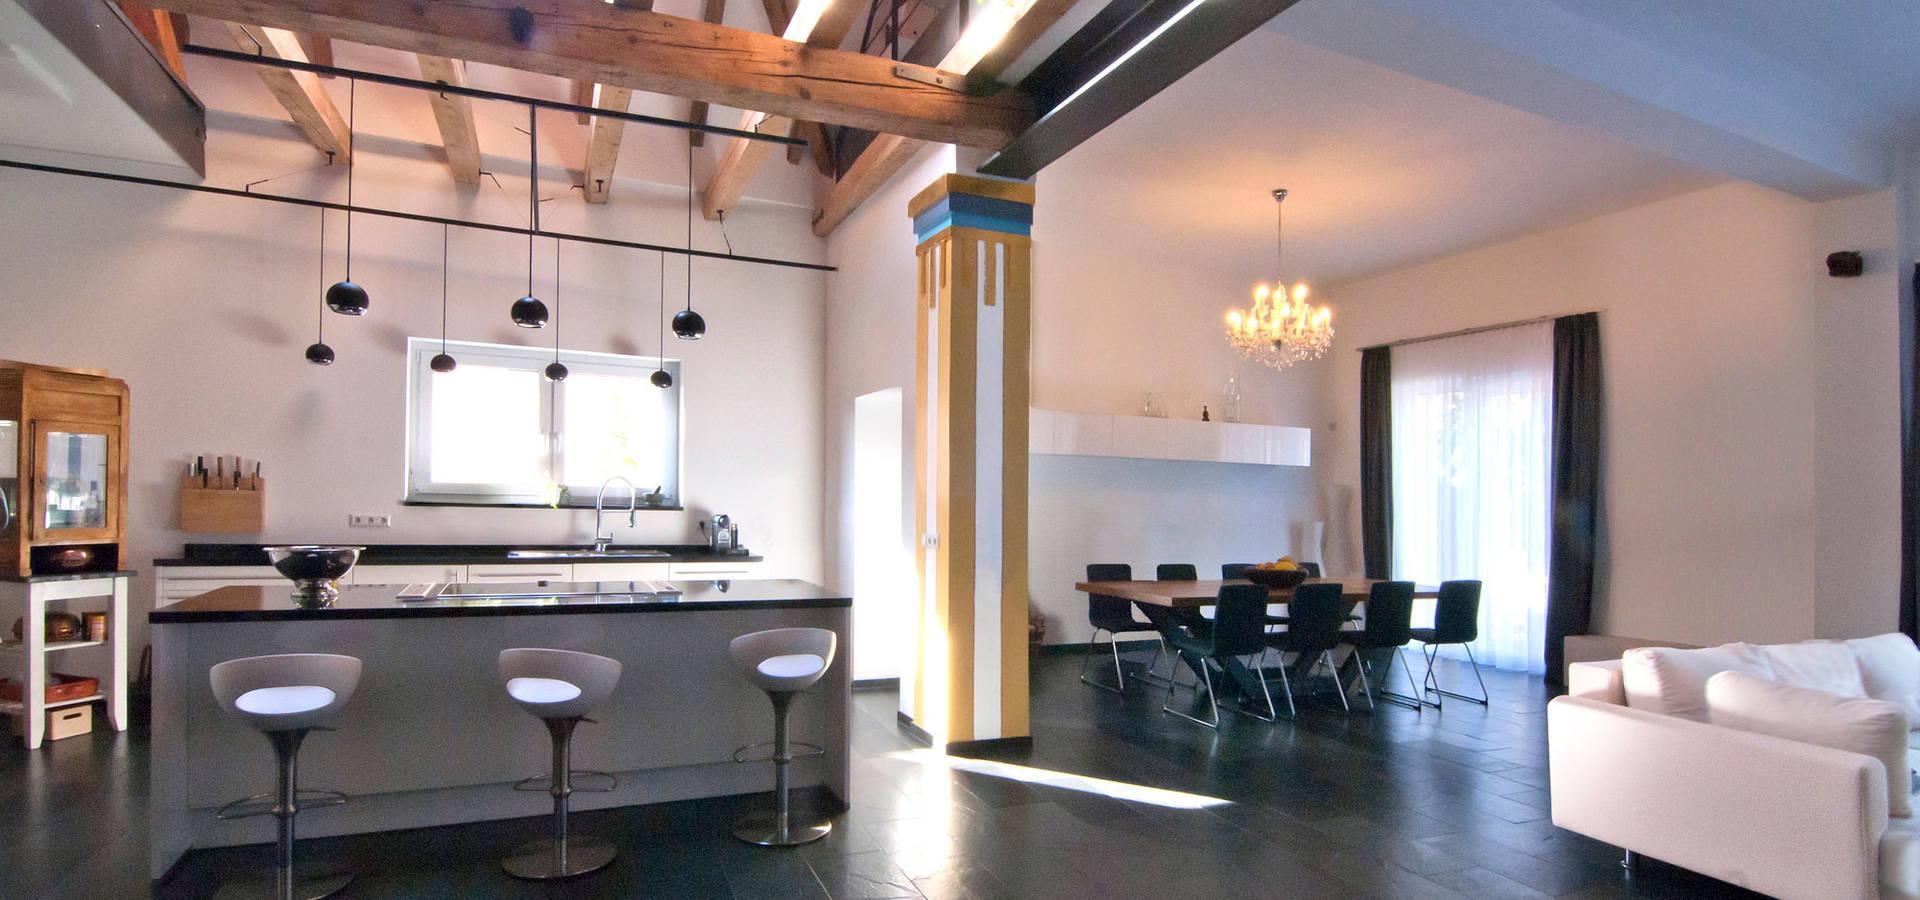 schweikert schilling architektur und gestaltung architekten in sinsheim homify. Black Bedroom Furniture Sets. Home Design Ideas